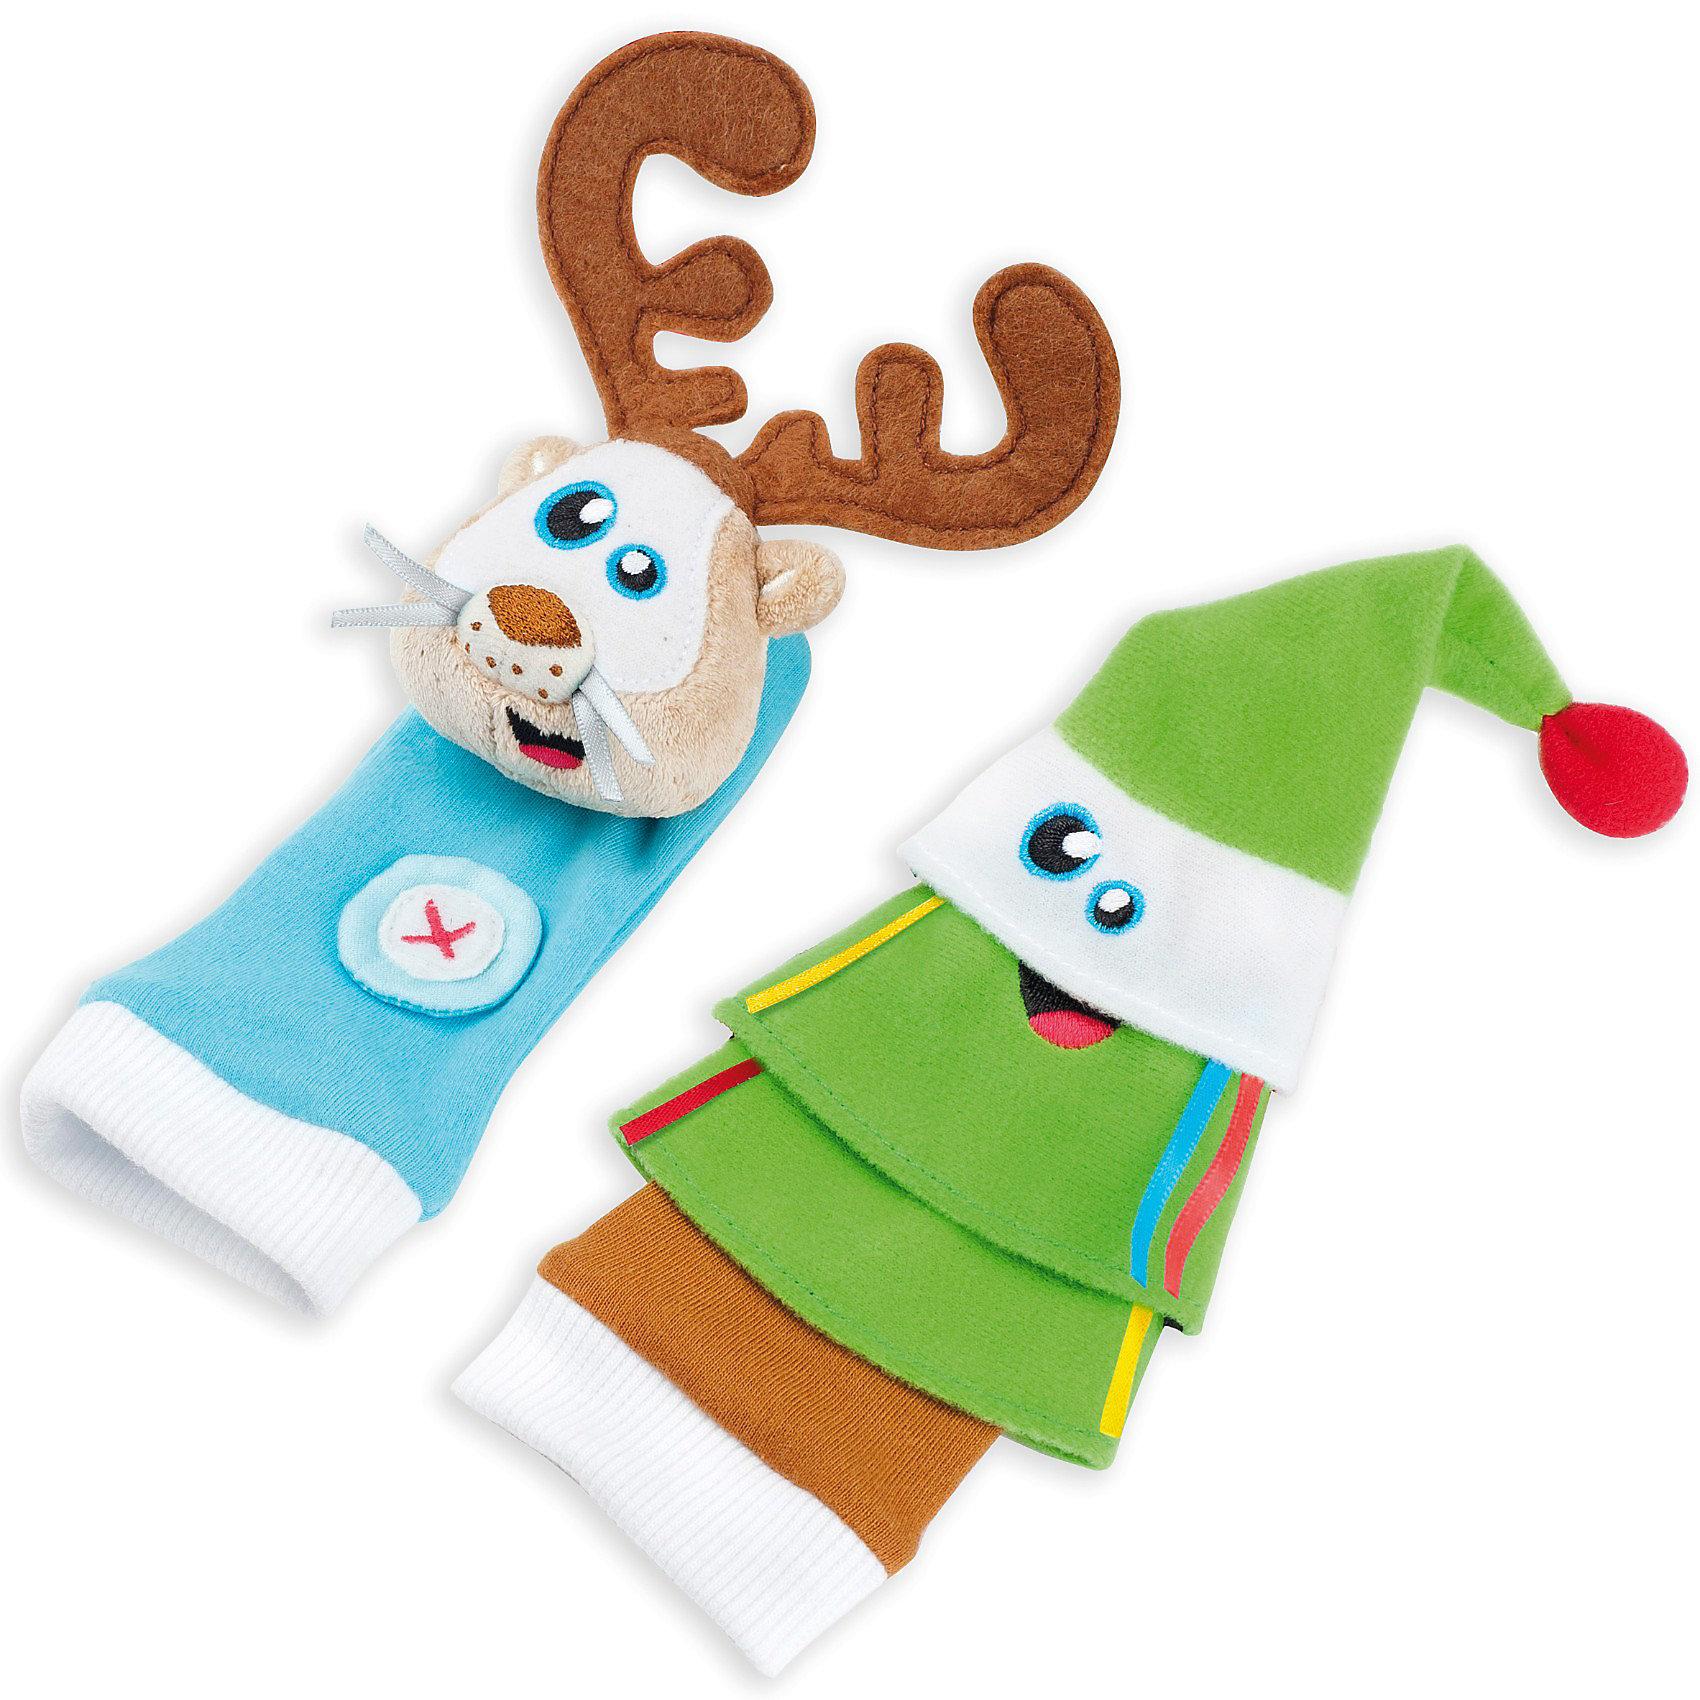 Развивающие игрушки-носочки «Олененок и елочка» 0+ BabymoovРазвивающие игрушки<br>Развивающие игрушки-носочки «Олененок и елочка» 0+ Babymoov (Бейбимув)- это яркая красочная игрушка для вашего малыша.<br>Оригинальные разноцветные носочки развивают визуальное, слуховое и тактильное восприятие ребенка, тренируют мелкую моторику. Носочки в виде олененка и елочки изготовлены из материалов разной фактуры, имеют шуршащий и гремящий элементы. Носочки можно надеть как на ножки, так и на ручки, и тогда ребенок будет играть с ними, энергично двигая руками или ногами. Взрослые могут надеть носочки на пальцы и устроить кукольное представление или рассказать сказку на ночь.<br><br>Дополнительная информация:<br><br>- В комплекте: 2 носочка<br>- Материал: полиэстер<br>- Допускается бережная стирка при 30 °C<br>- Размер упаковки: 12 х 4,5 х 4 см.<br>- Вес: 120 гр.<br><br>Развивающие игрушки-носочки «Олененок и елочка» 0+ Babymoov (Бейбимув) можно купить в нашем интернет-магазине.<br><br>Ширина мм: 140<br>Глубина мм: 200<br>Высота мм: 50<br>Вес г: 50<br>Возраст от месяцев: 9<br>Возраст до месяцев: 48<br>Пол: Унисекс<br>Возраст: Детский<br>SKU: 2457619